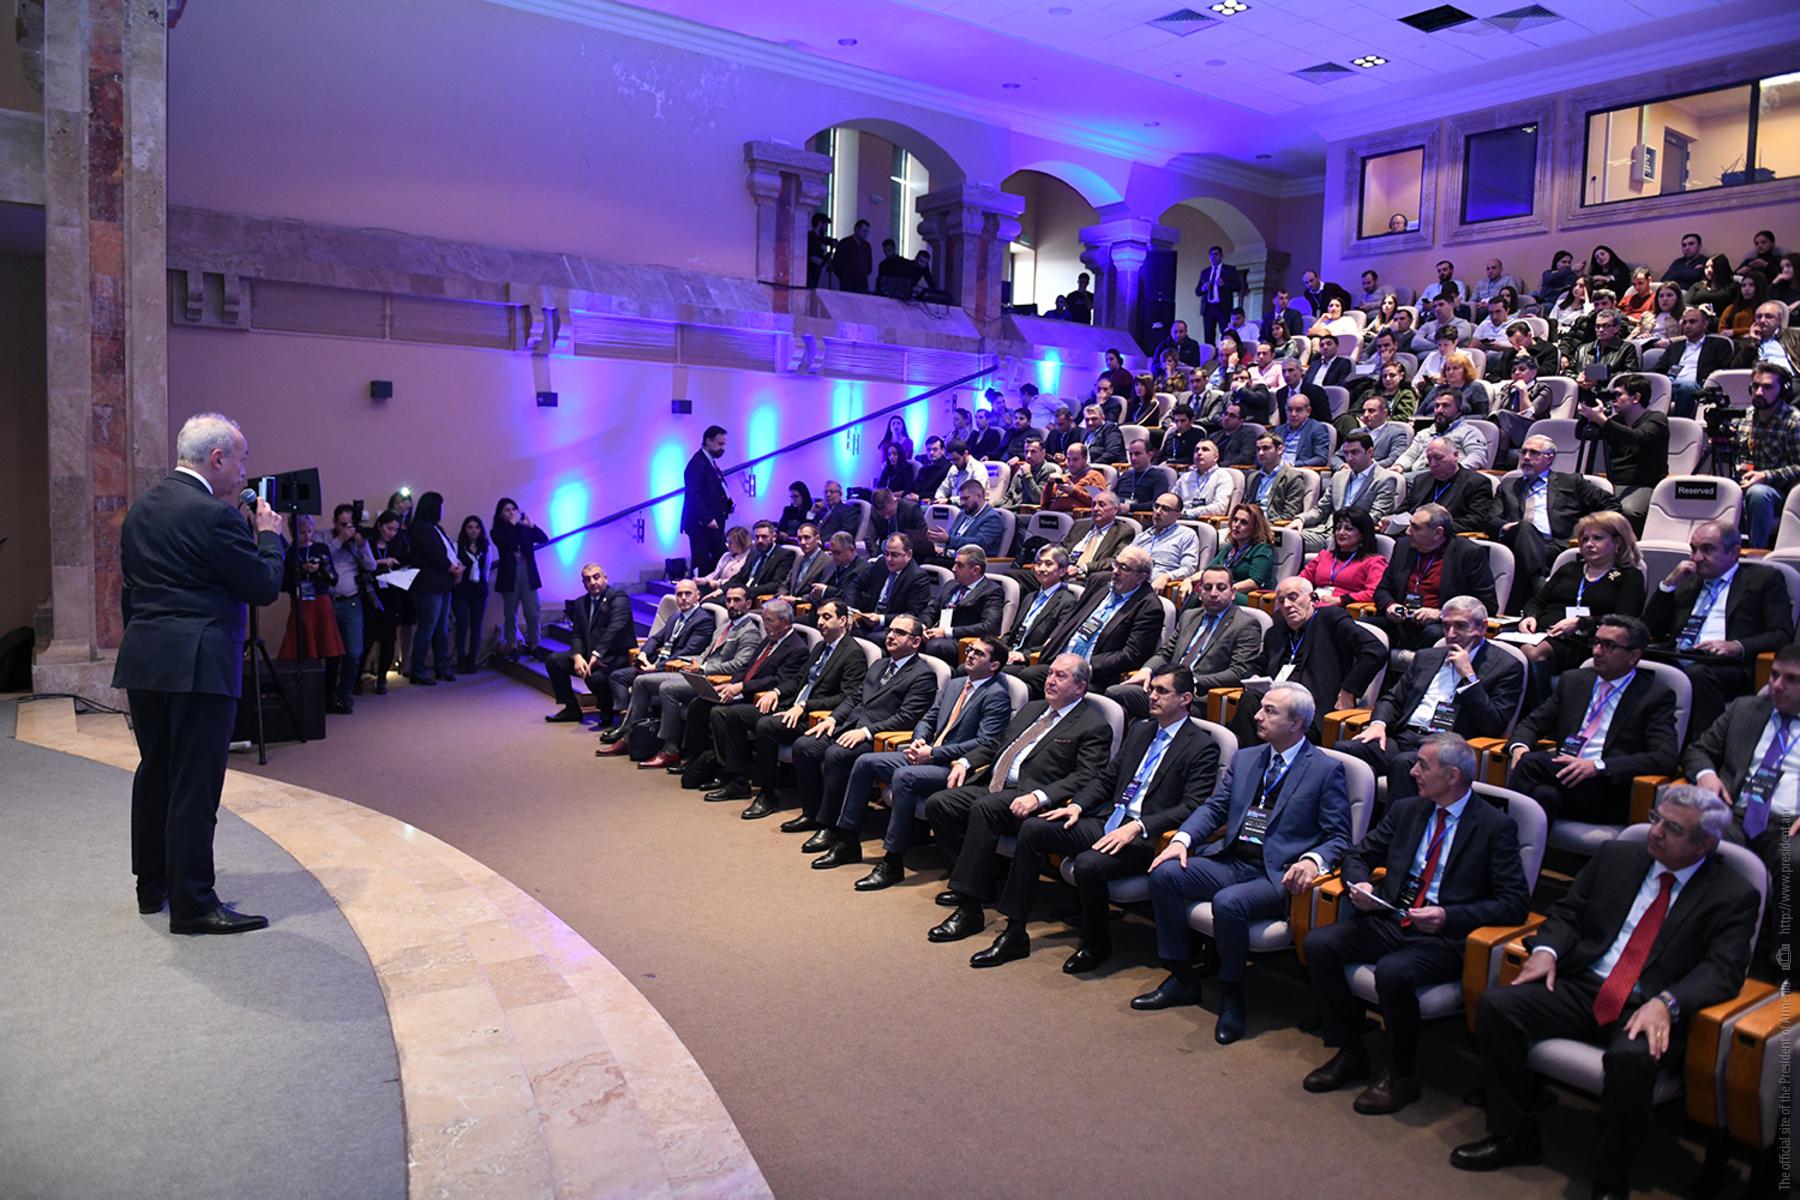 Նախագահ Արմեն Սարգսյանը մասնակցել է «Silicon Mountains» տեխնոլոգիական համաժողովին